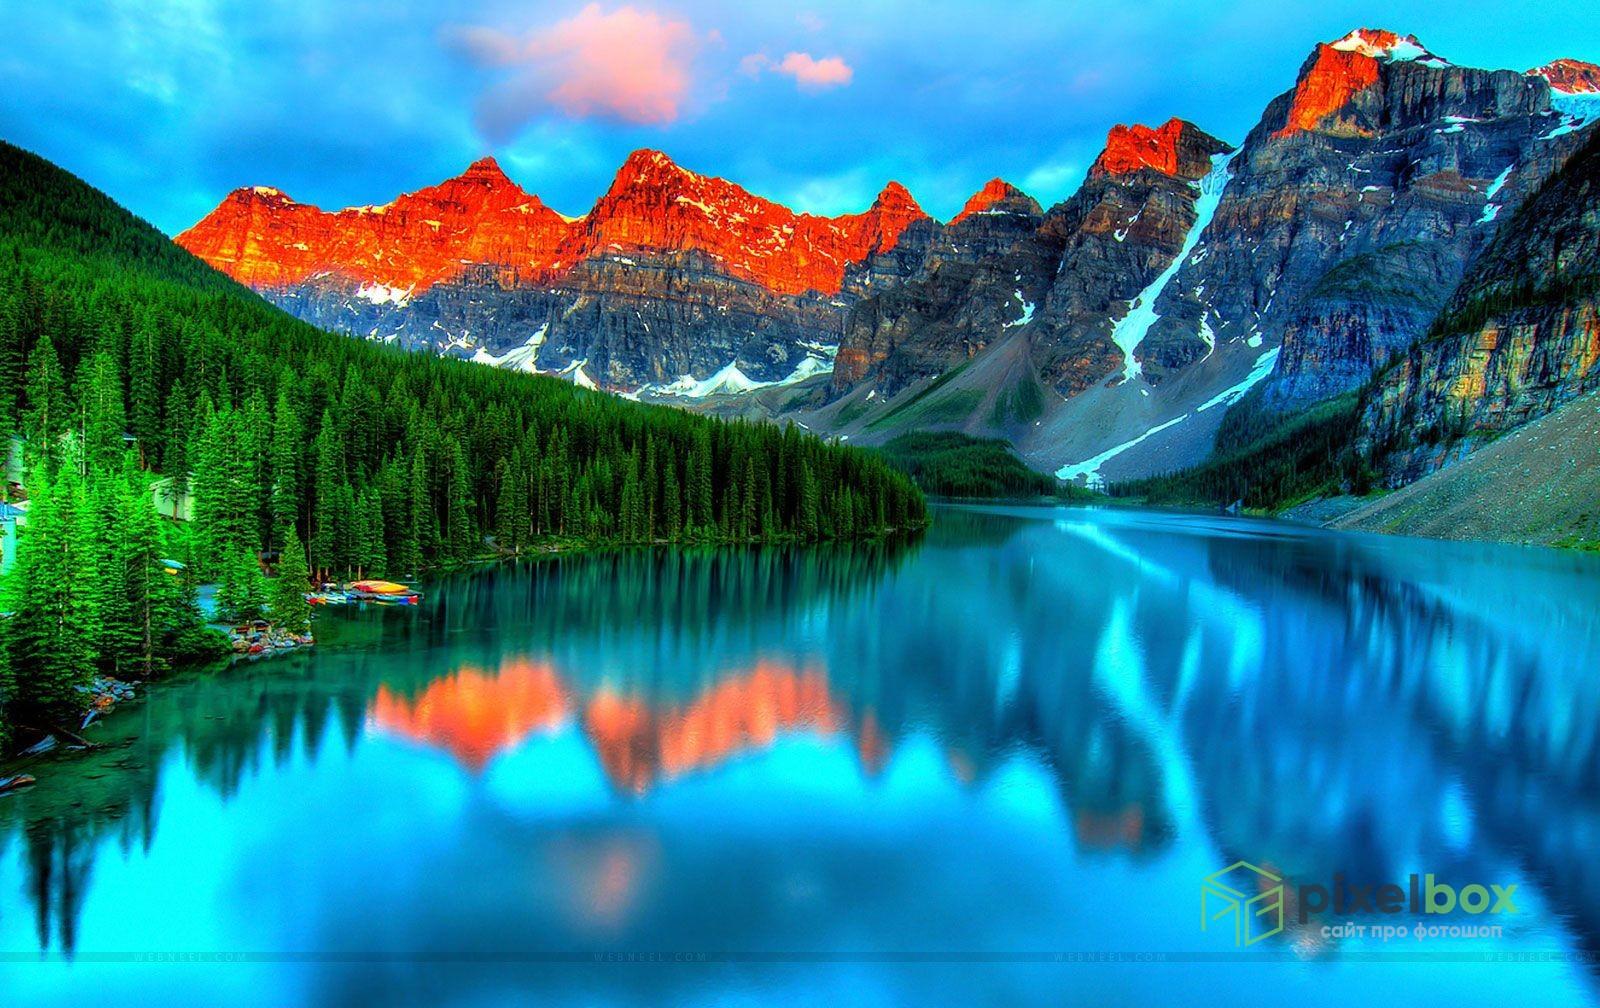 Коллекция фонов Природа для Photoshop и не только